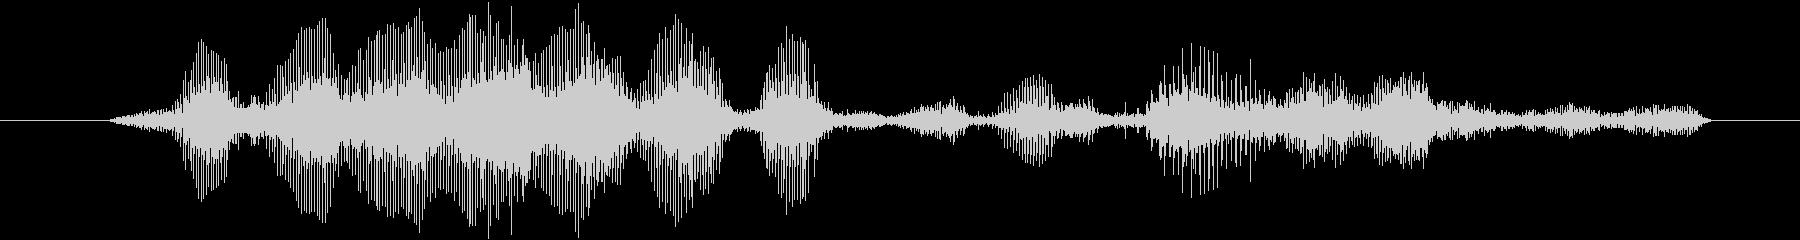 ヤギ Baaingヤギ02の未再生の波形